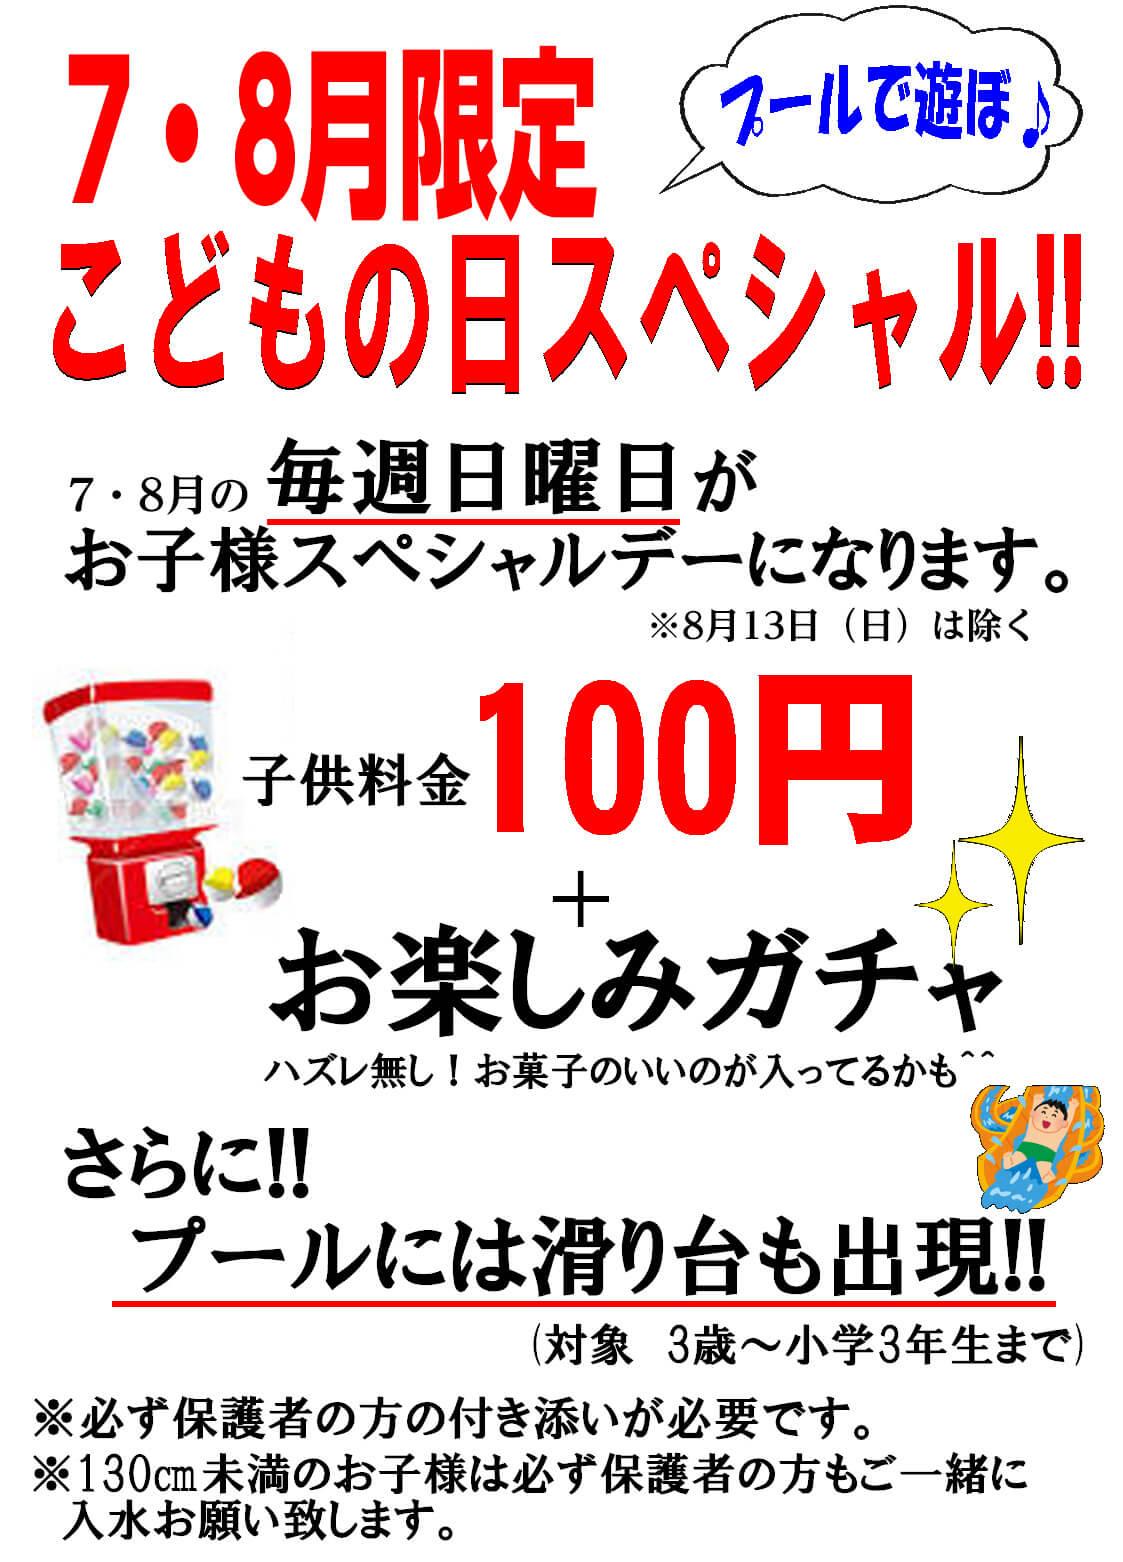 こどもの日スペシャル2017